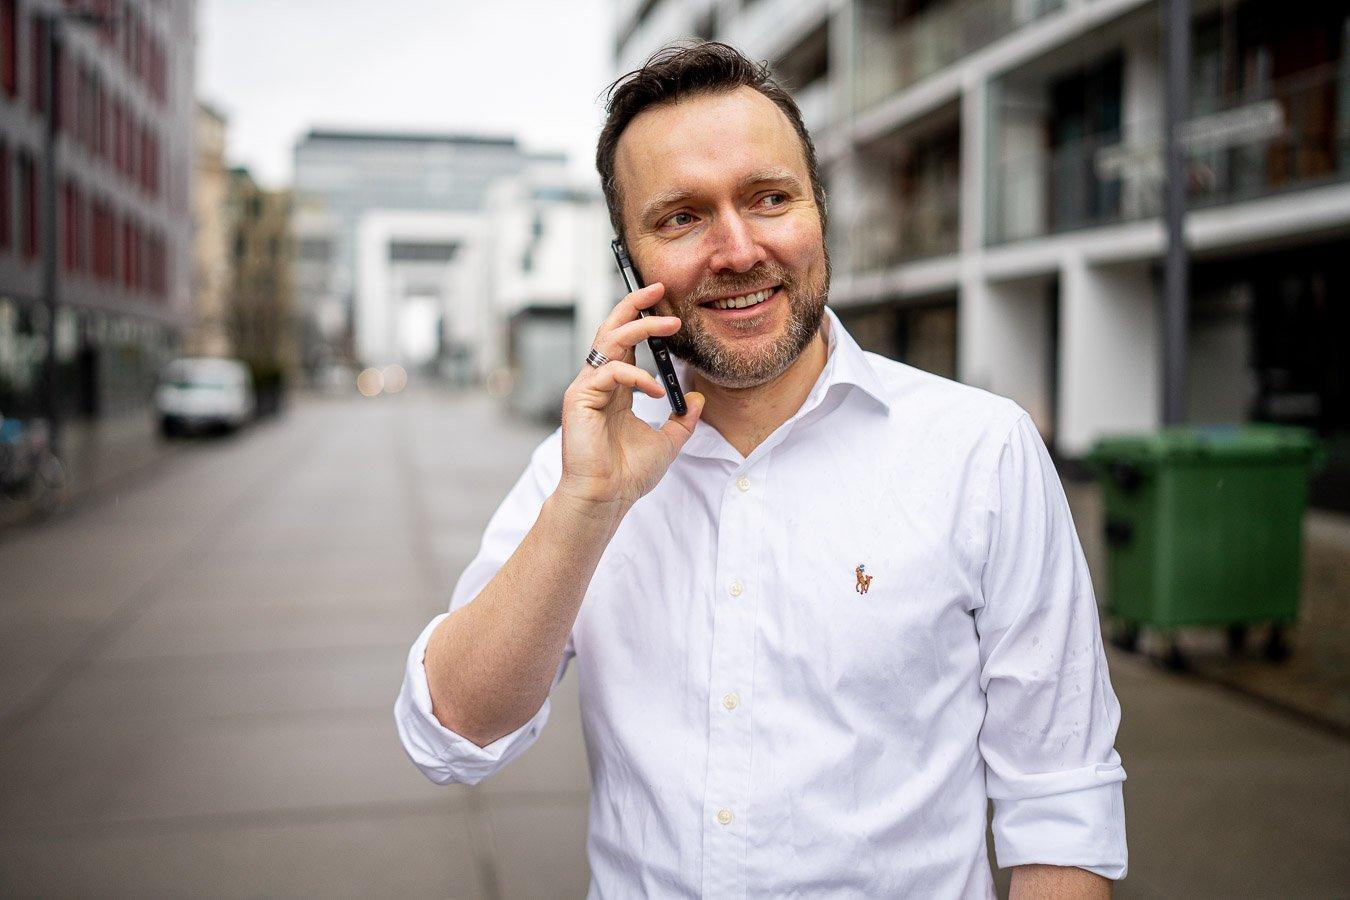 Kunden-am-Telefon